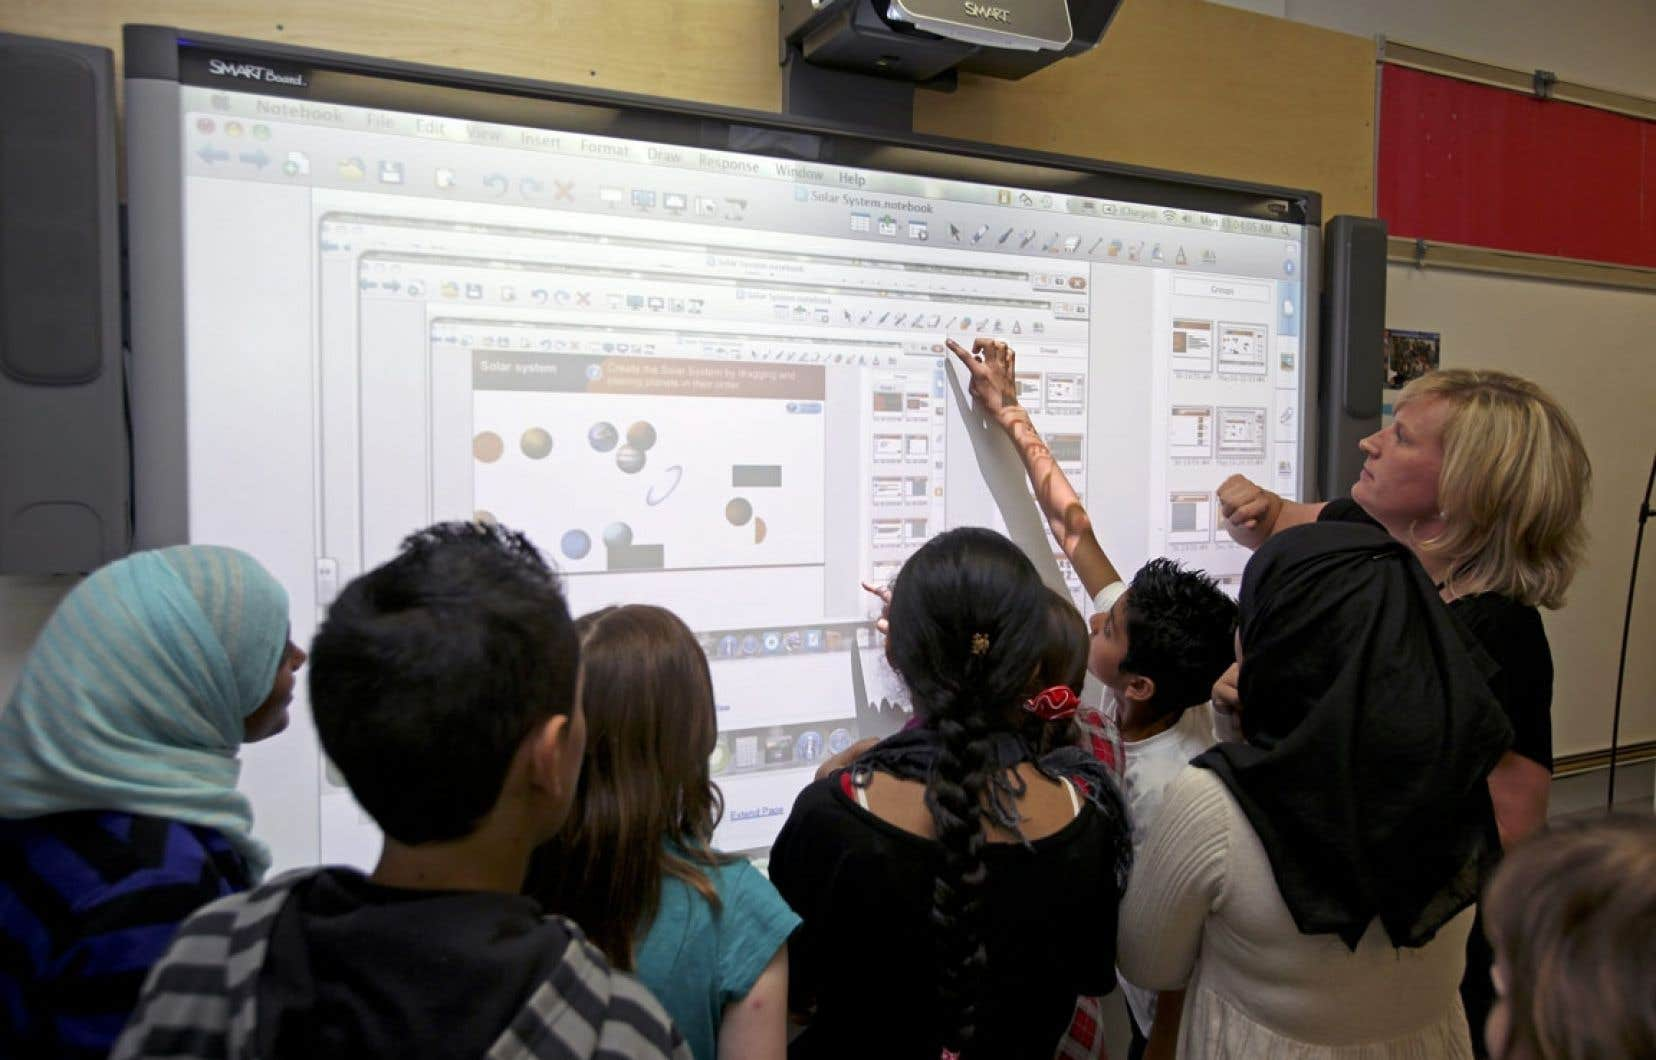 Premier constat de l'étude: le TBI n'est pas utilisé à la hauteur de son potentiel. La plupart du temps, le tableau sert d'écran de télévision ou d'écran de projection.